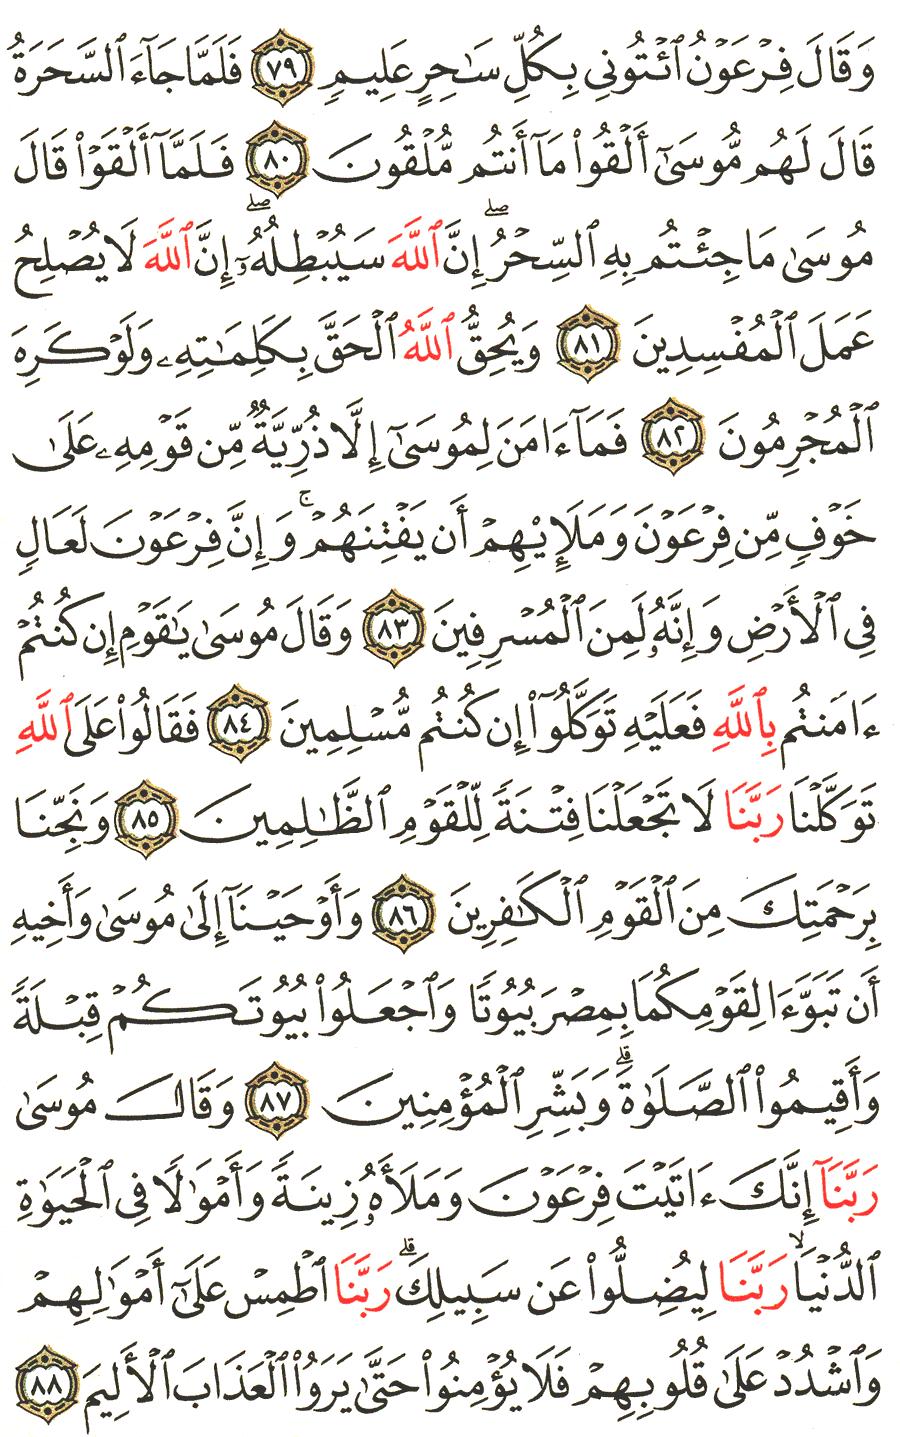 تفسير الآية 79 إلى 88 من سورة يونس التفسير الميسر